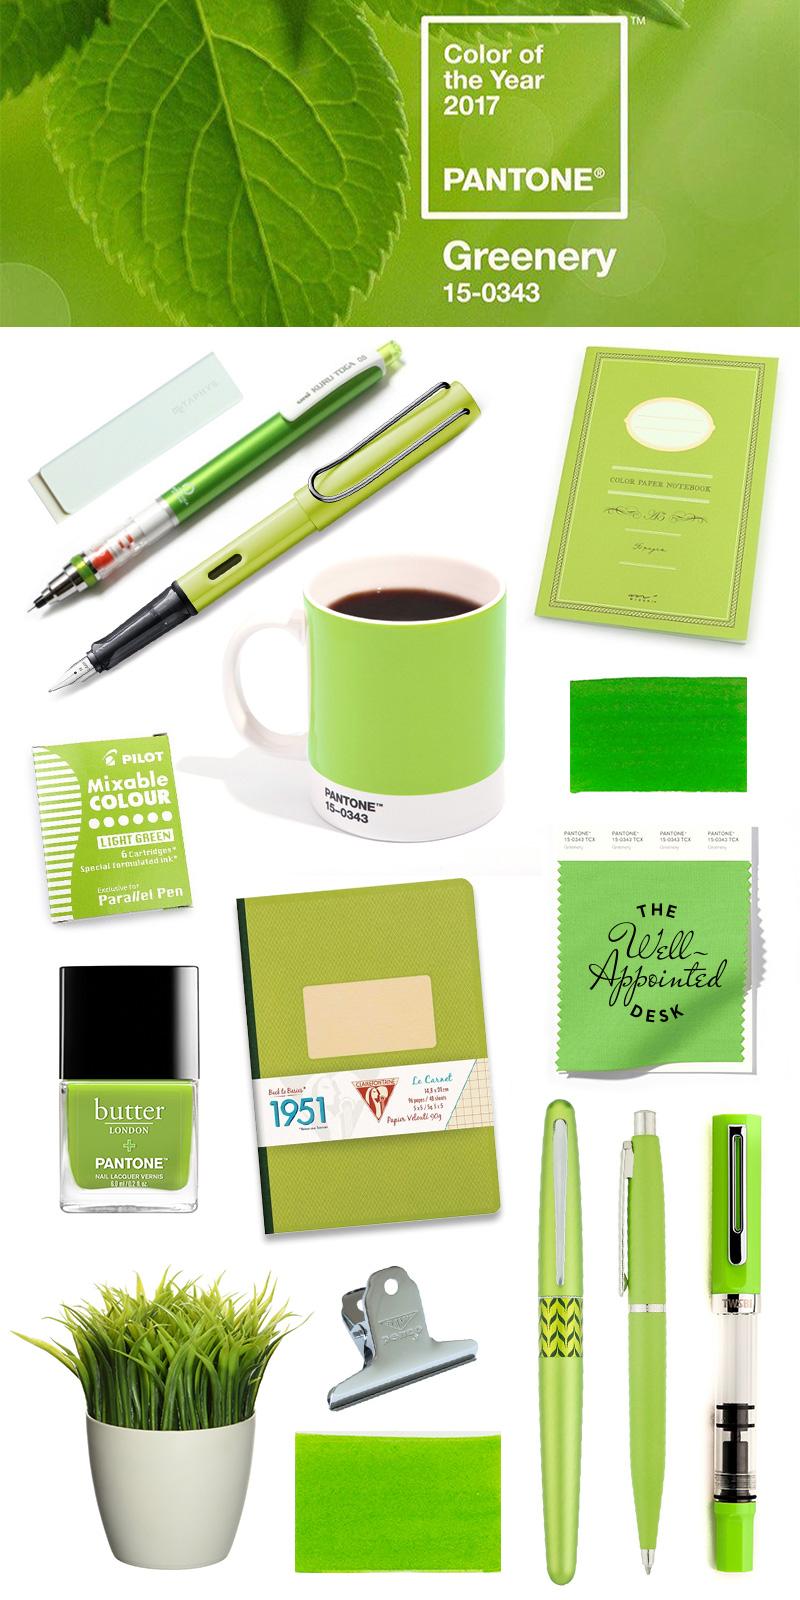 ff-greenery